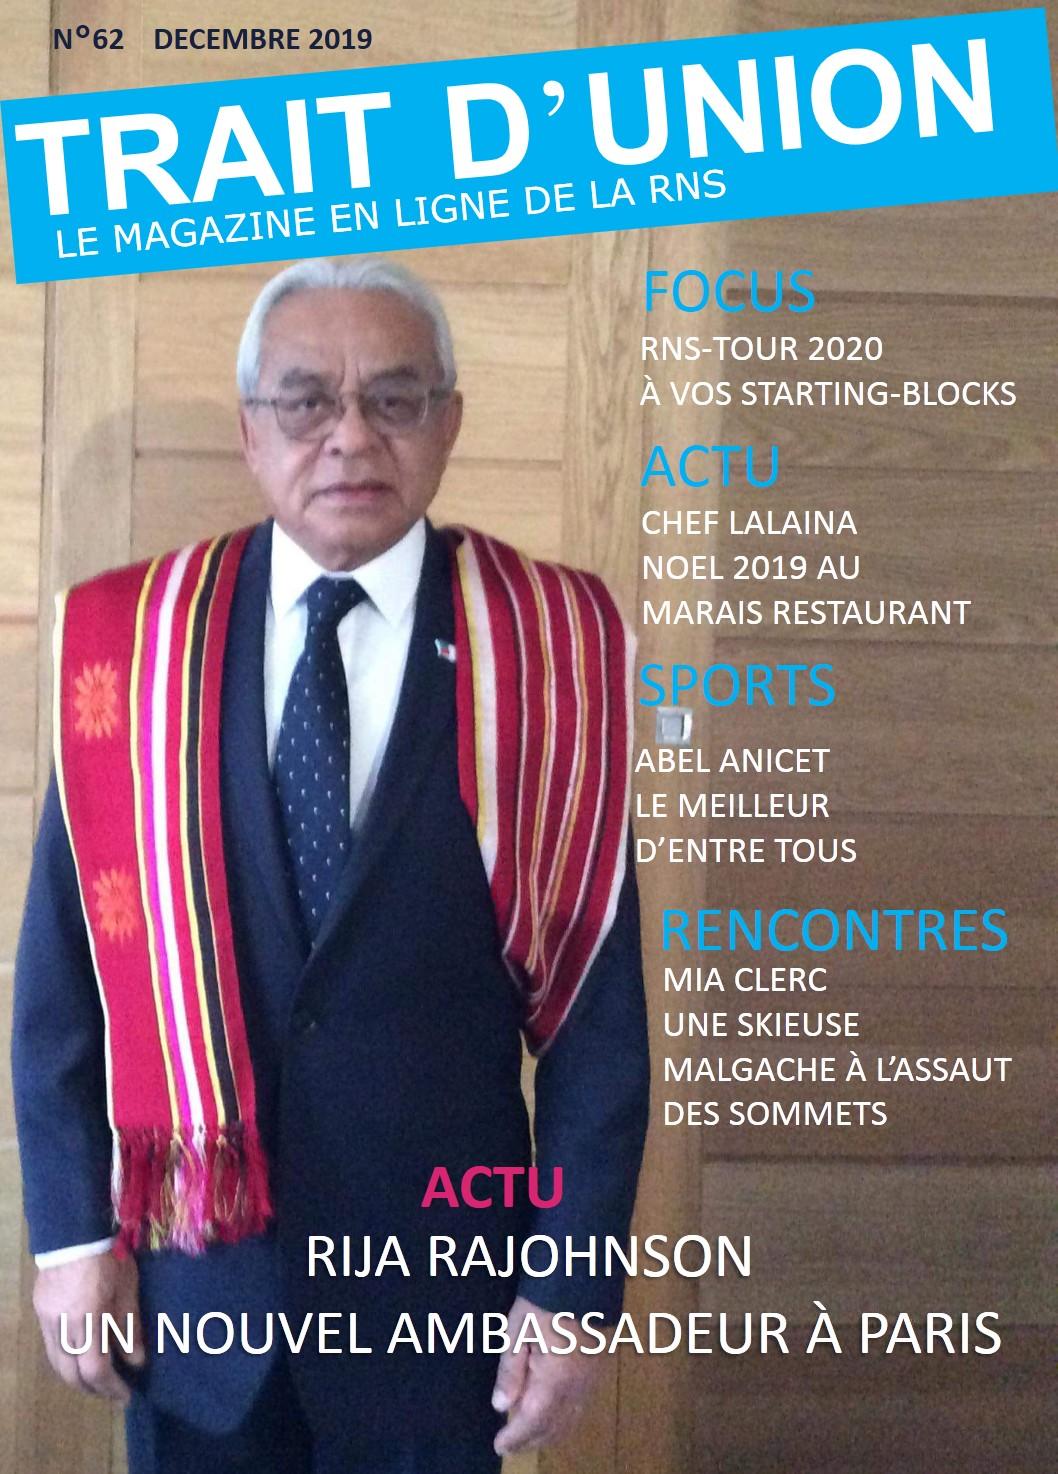 Trait d'Union numéro 62, le magazine en ligne de la RNS.